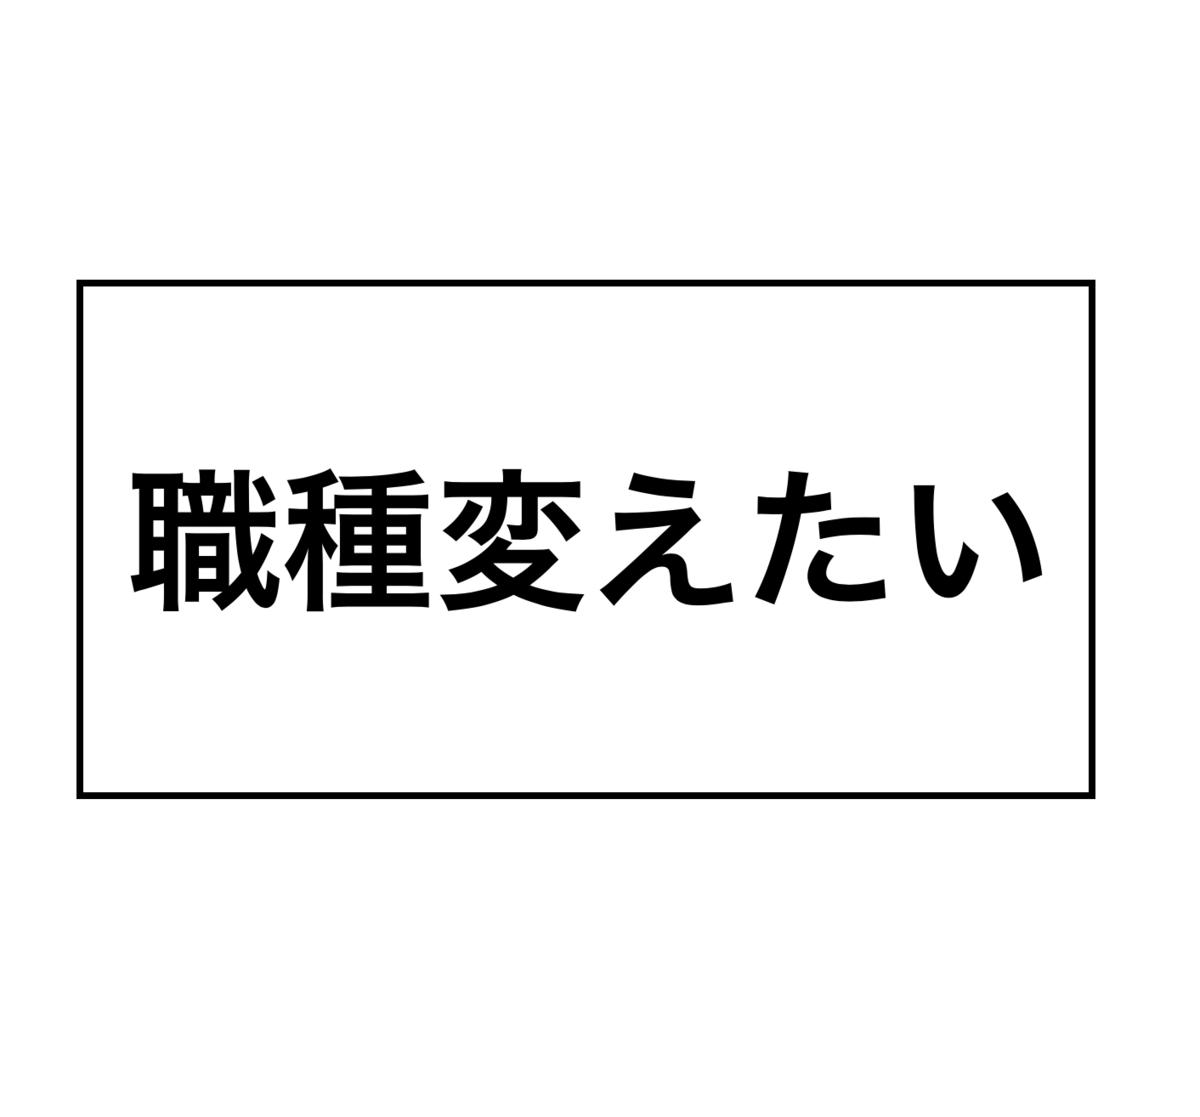 f:id:until30y:20210423155157p:plain